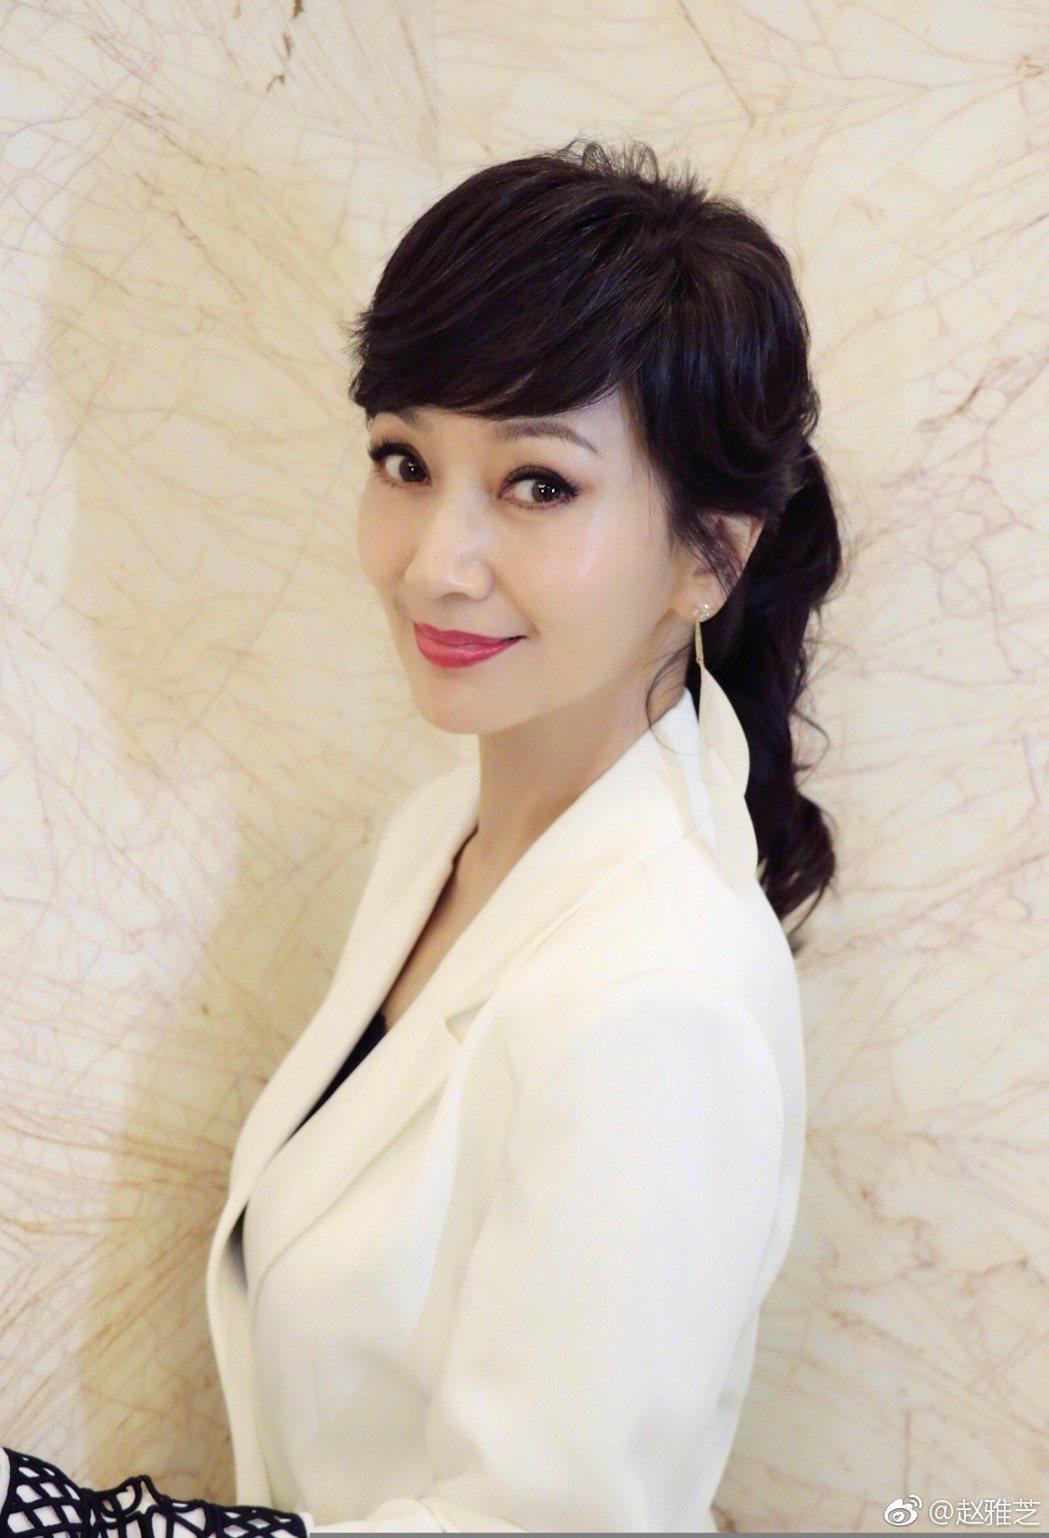 趙雅芝另以白衣典雅的造型迎新春。圖/摘自微博